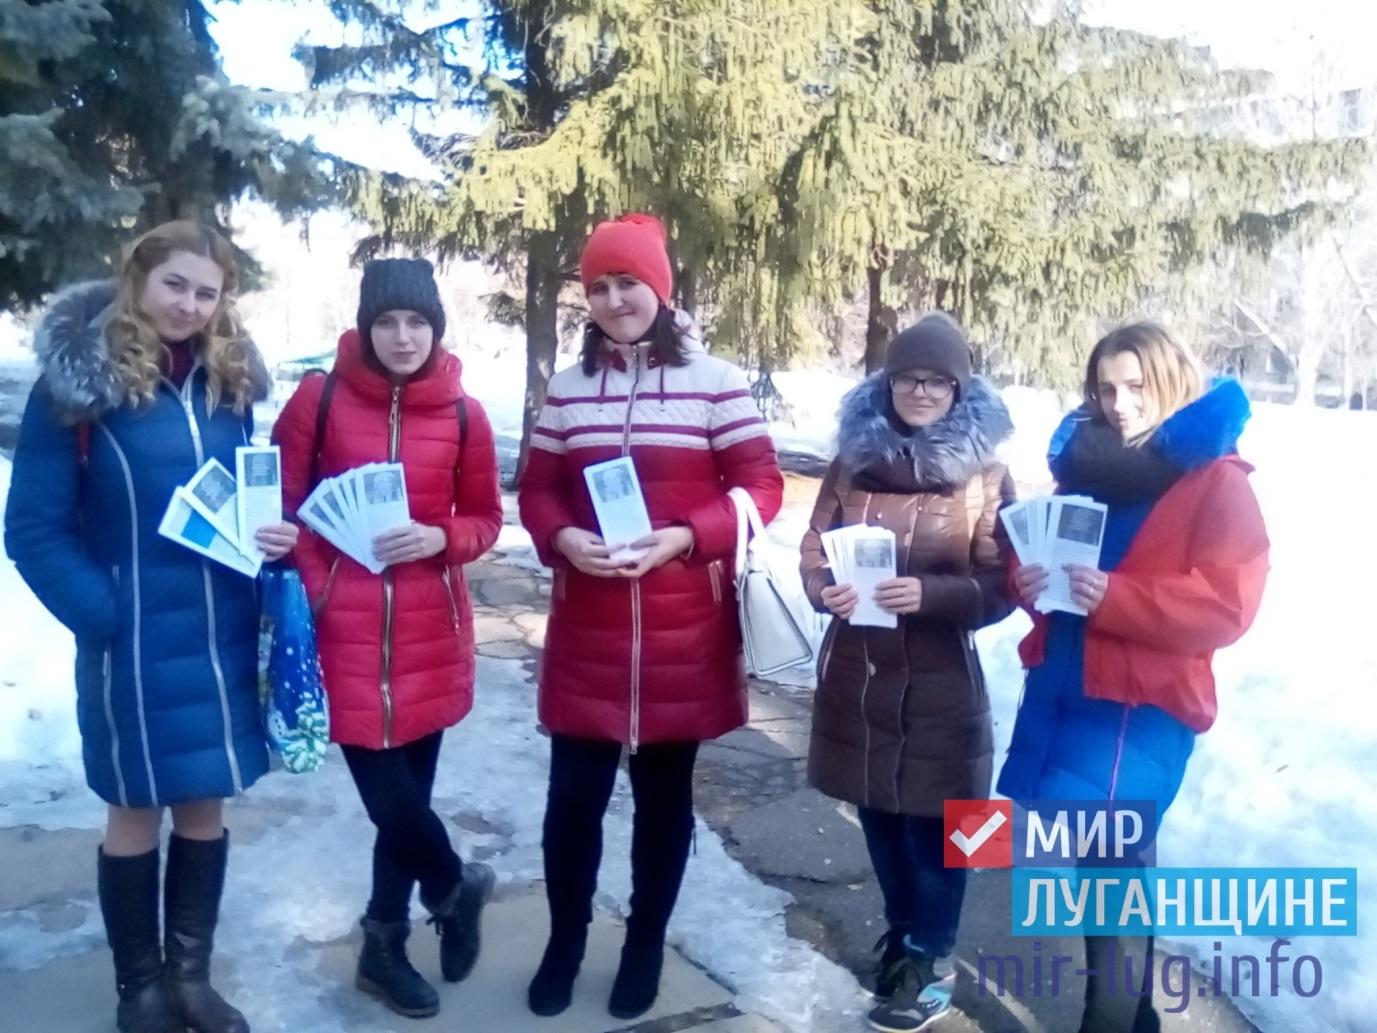 Во Всемирный день социальной справедливости молодежь Славяносербска раздала жителям района информационные буклеты 1